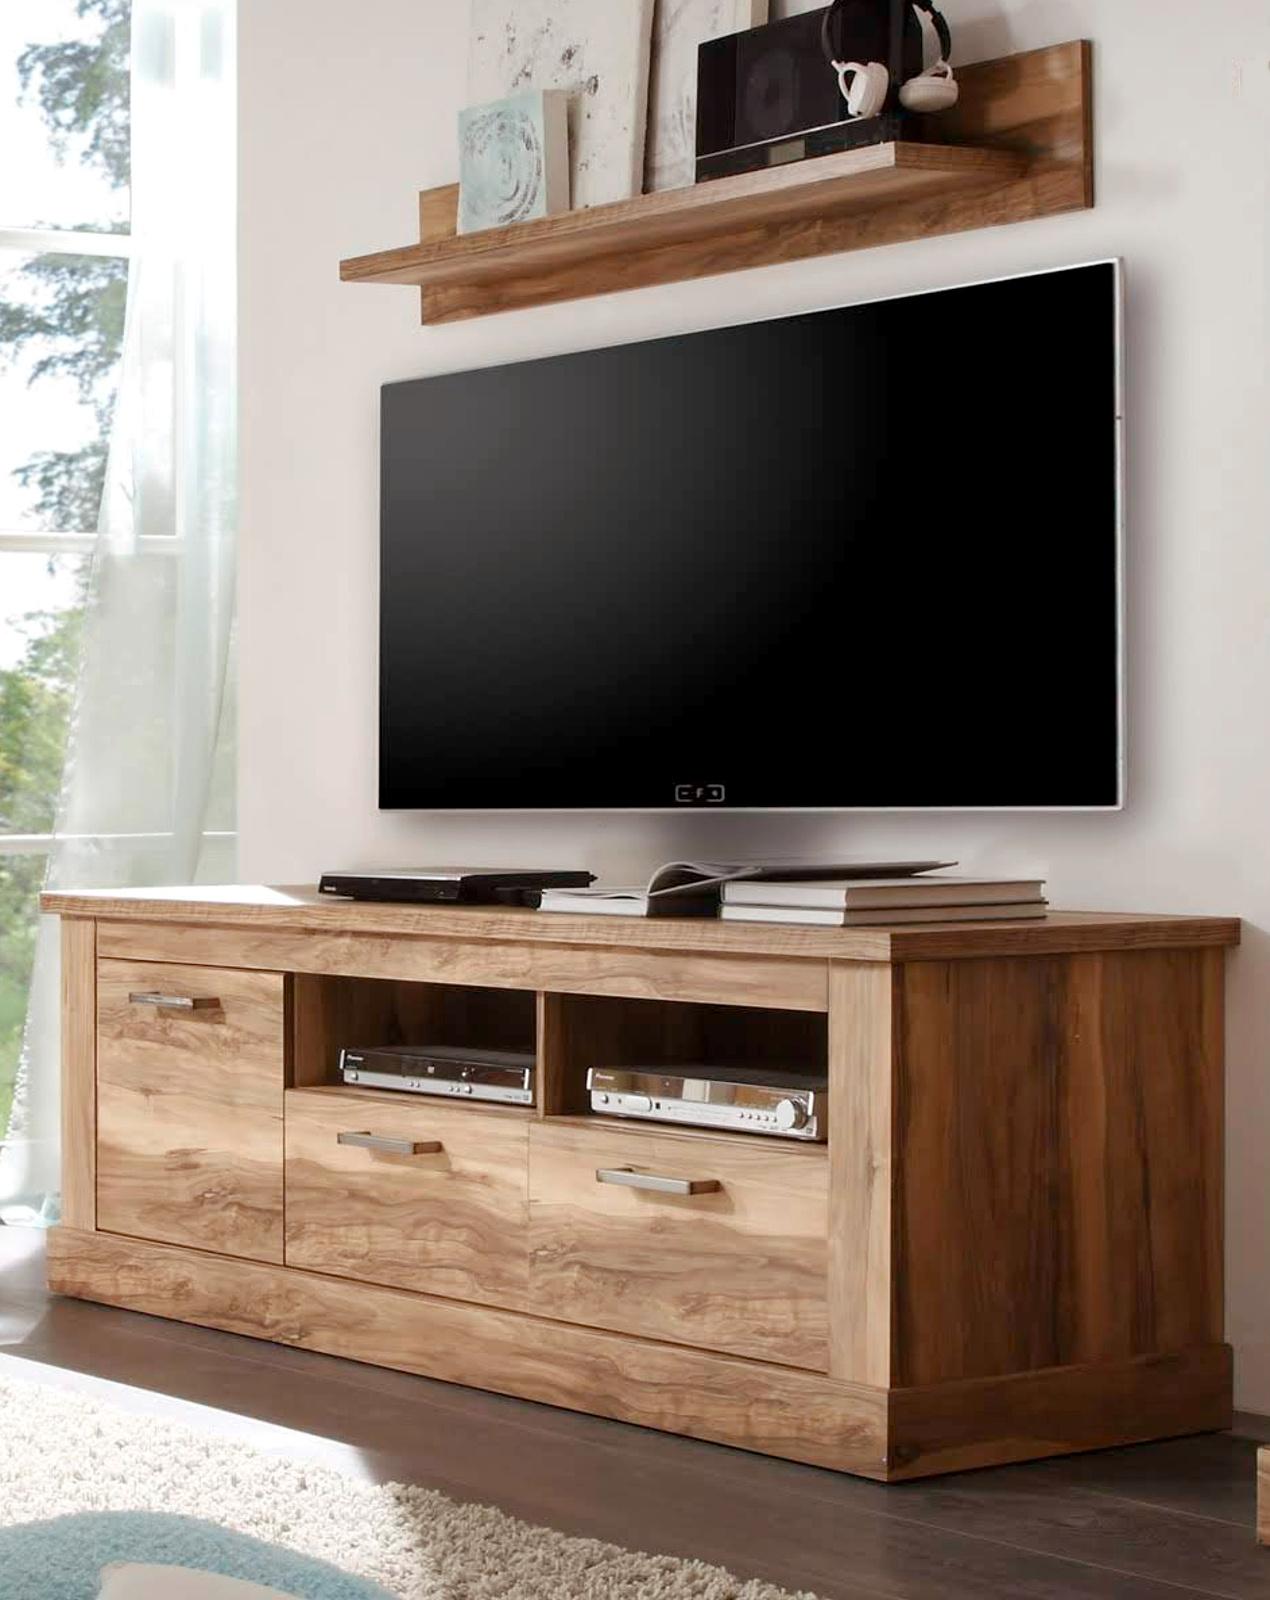 wandboard montreal in nussbaum satin 140 cm breit. Black Bedroom Furniture Sets. Home Design Ideas